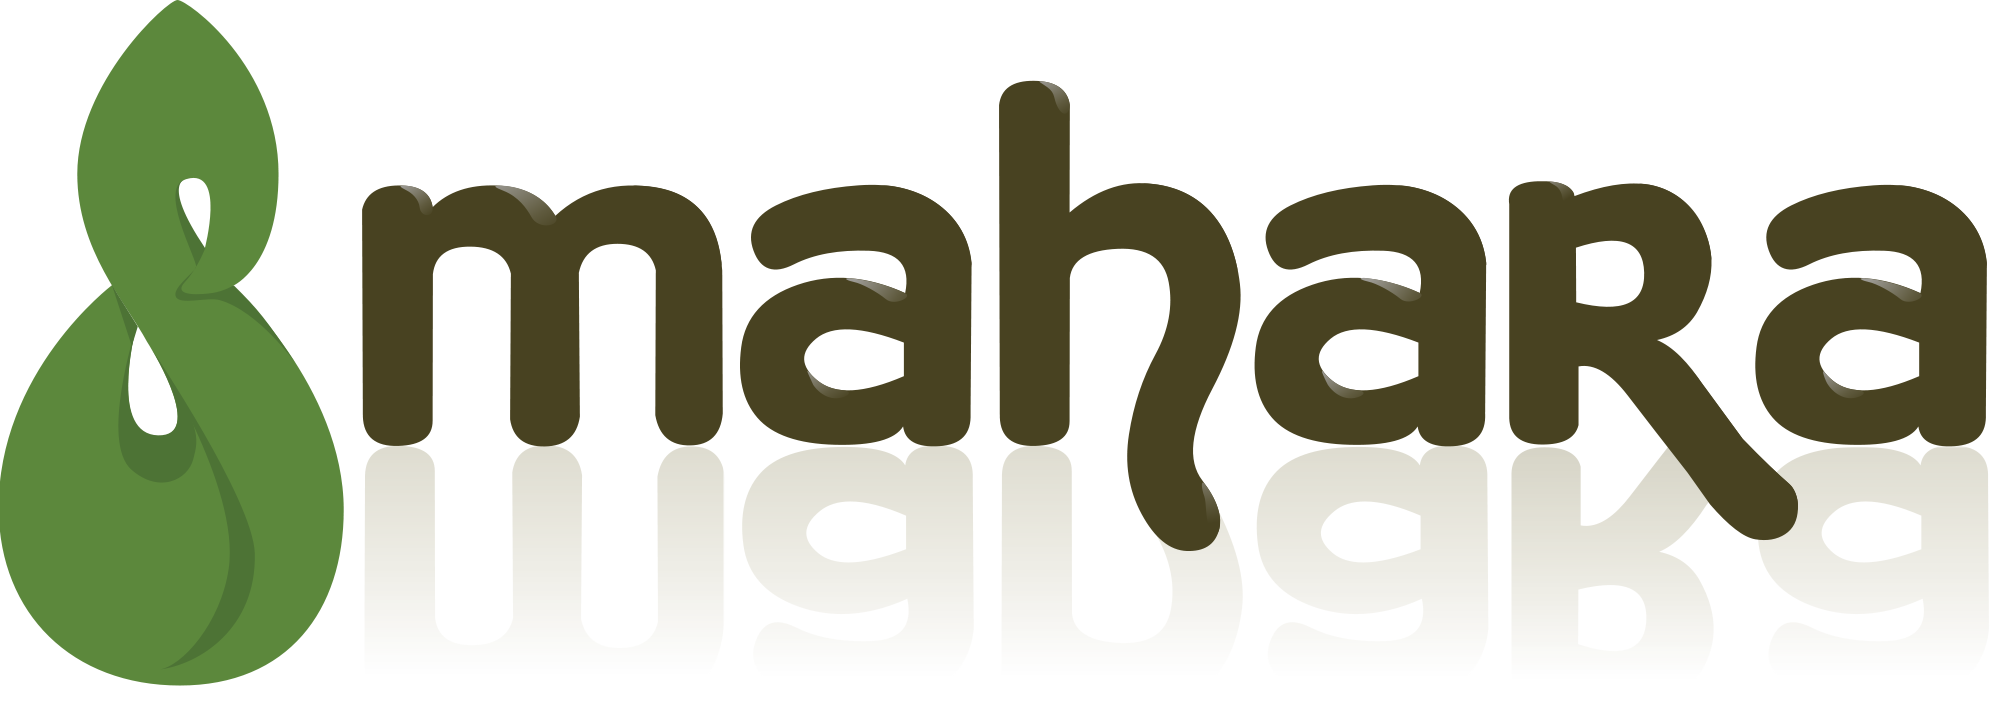 Mahara_logo.1.png